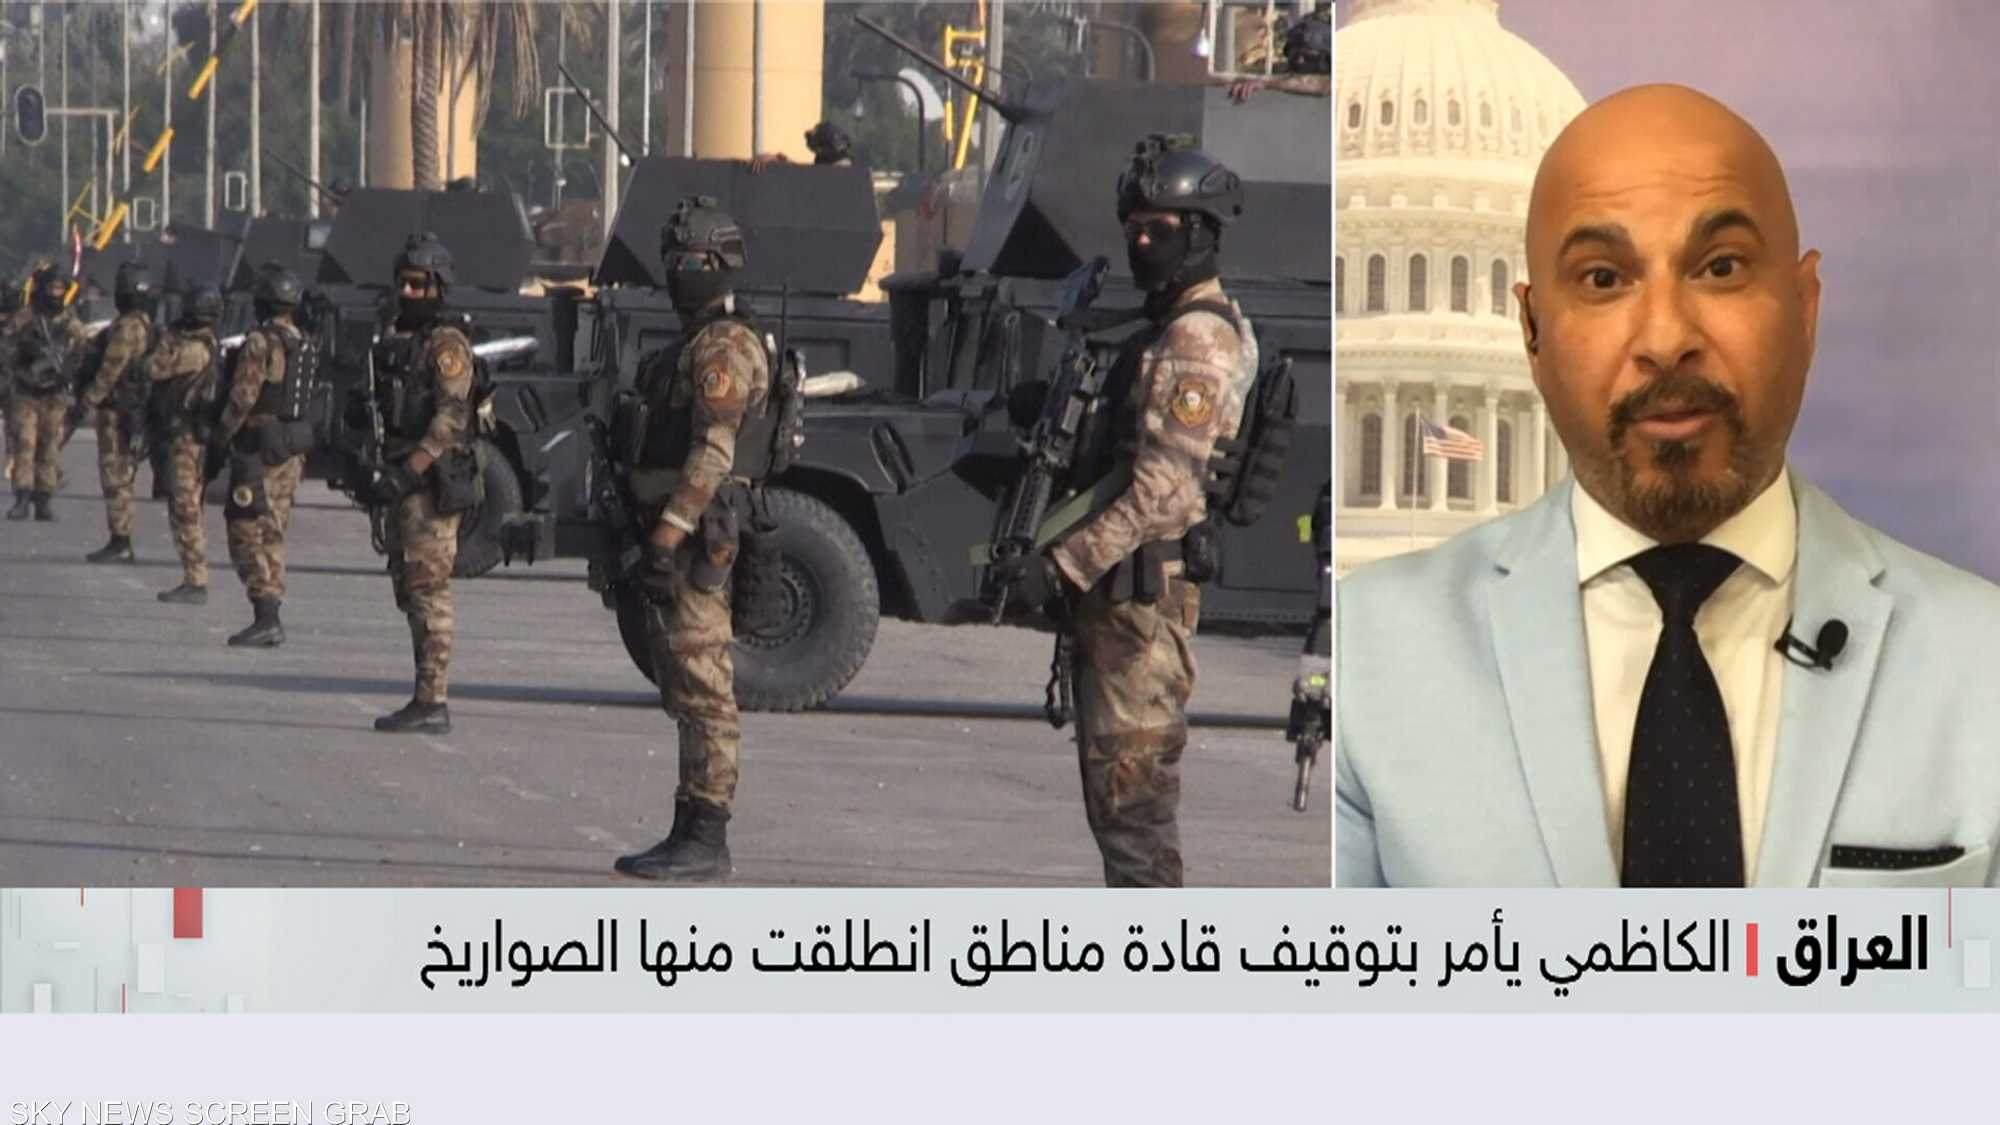 هل تغلق واشنطن سفارتها في بغداد؟